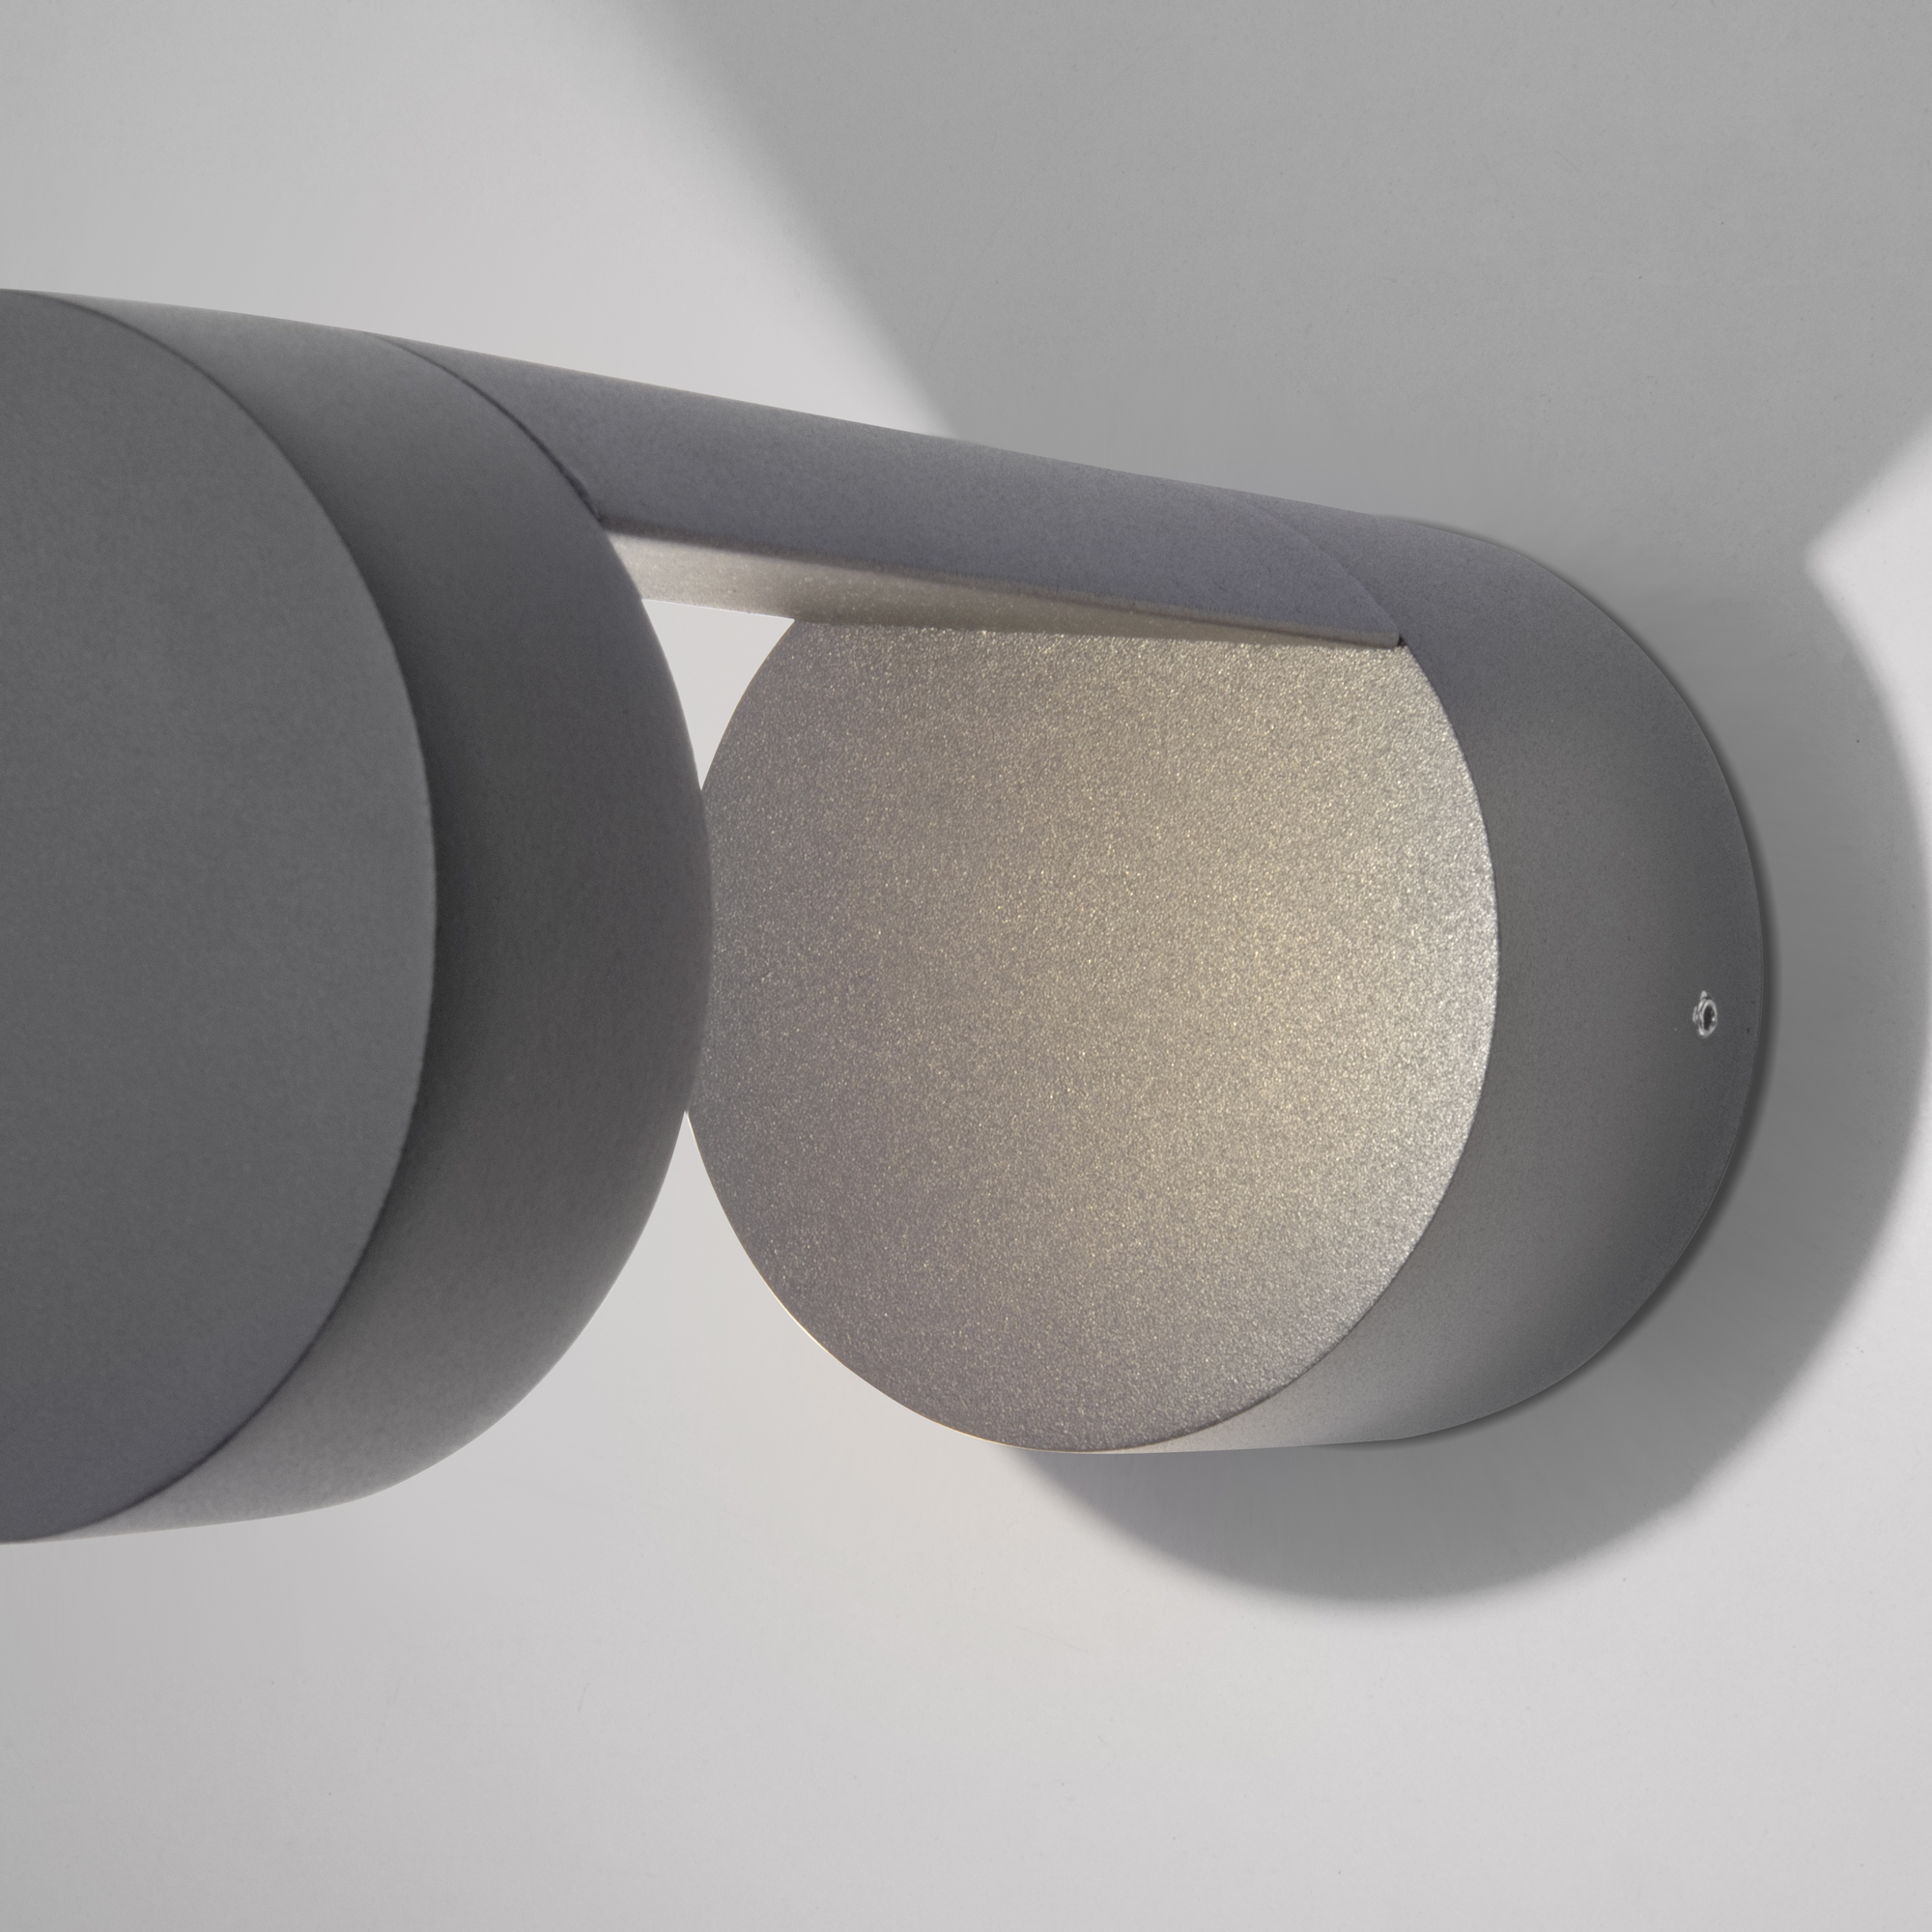 Уличный настенный светодиодный светильник Nimbus IP54 1540 TECHNO LED серый